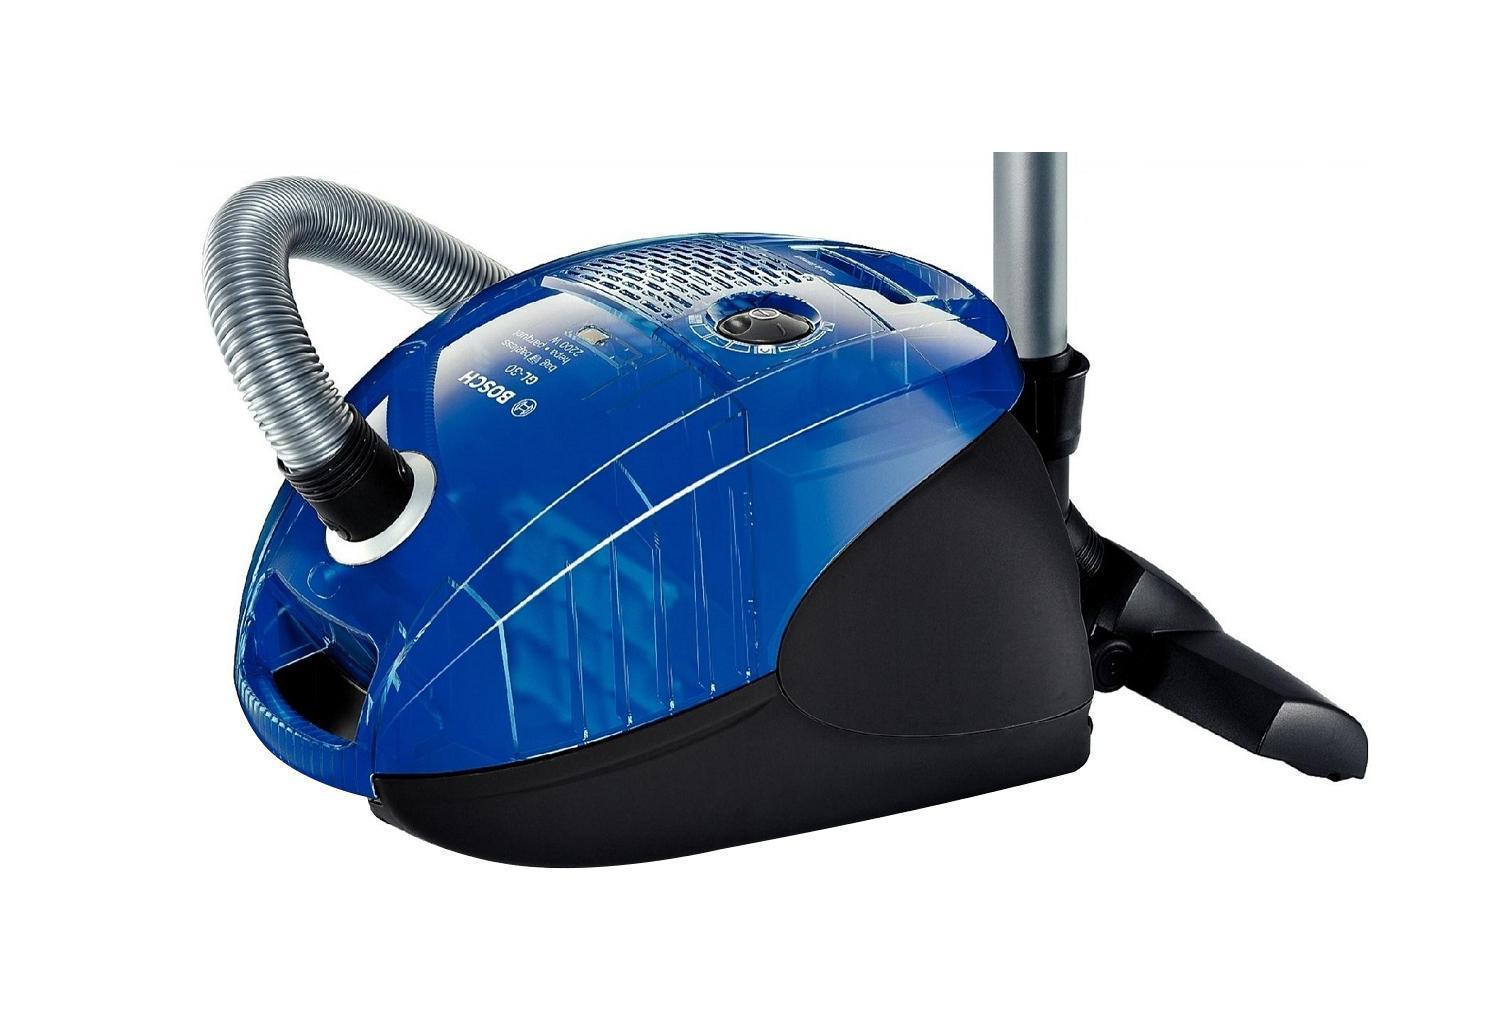 Bosch BSGL-3238332383 Bag&BaglessСоздать идеальный пылесос, который понравится абсолютно каждому человеку и органично впишется в любой дом, невозможно. Слишком разные у нас потребности и квартиры... Но отчаиваться рано. Bosch представляет вашему вниманию несколько серий пылесосов. Пылесосы Bosch отличаются дизайном, оснащением и размерами. Но существует нечто неизменное, сопутствующее каждому из них, — безупречное качество. Пылесосы Bosch устанавливают новые стандарты гигиены с помощью безупречных систем фильтрации, достигают невиданной мощности в своей работе, дарят вам неповторимое ощущение свободы день за днем долгие годы.